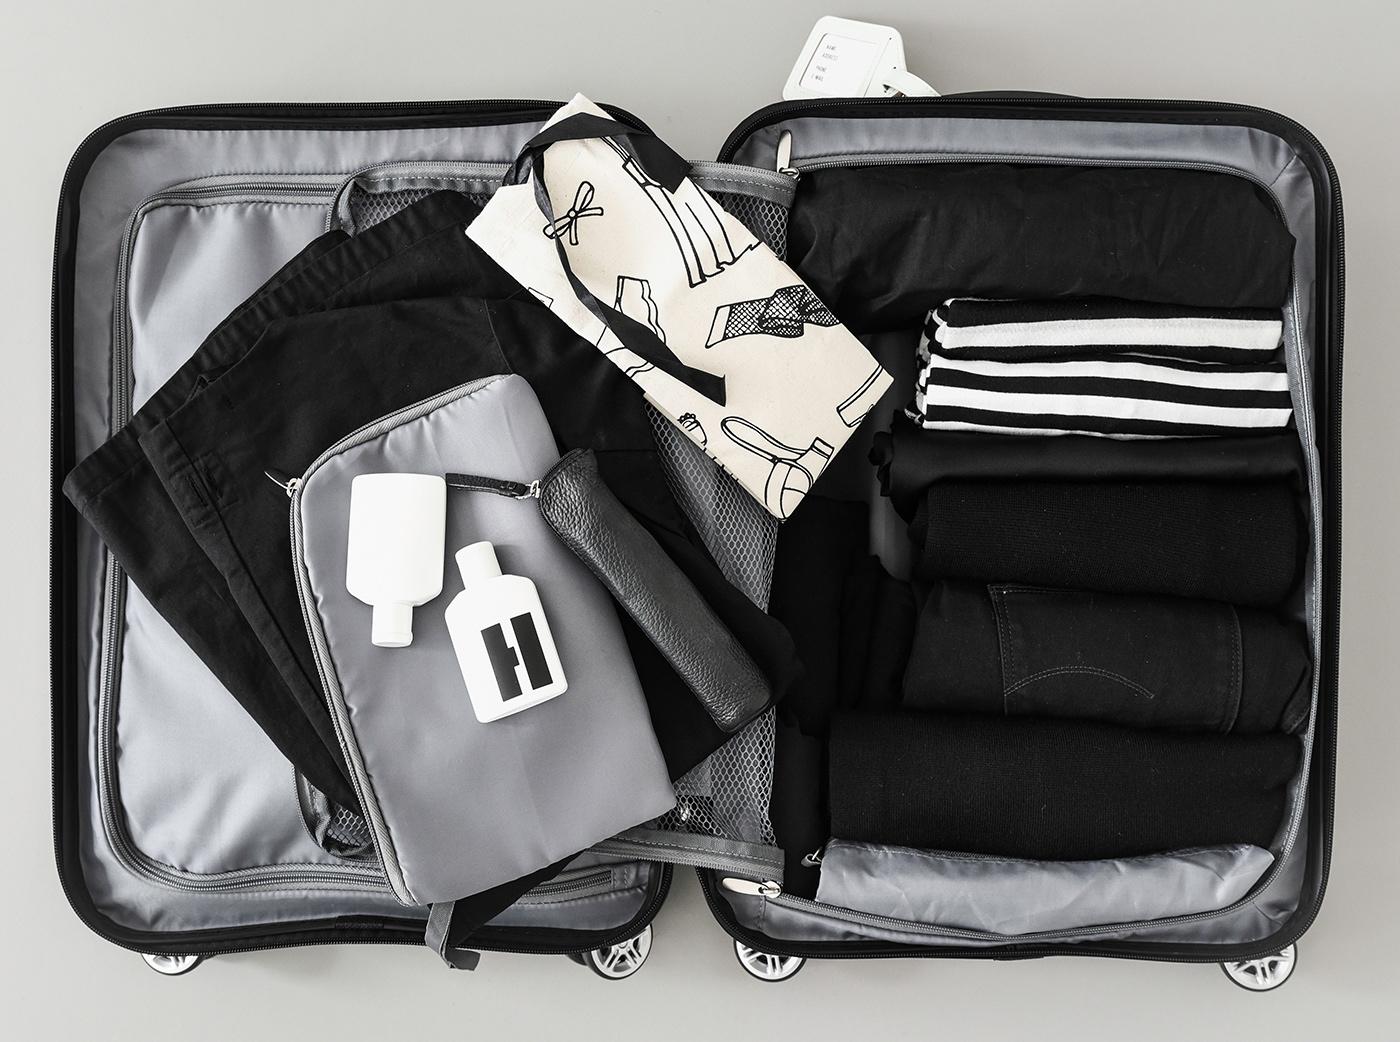 Wie packe ich meinen Koffer platzsparend? Tipps und Tricks